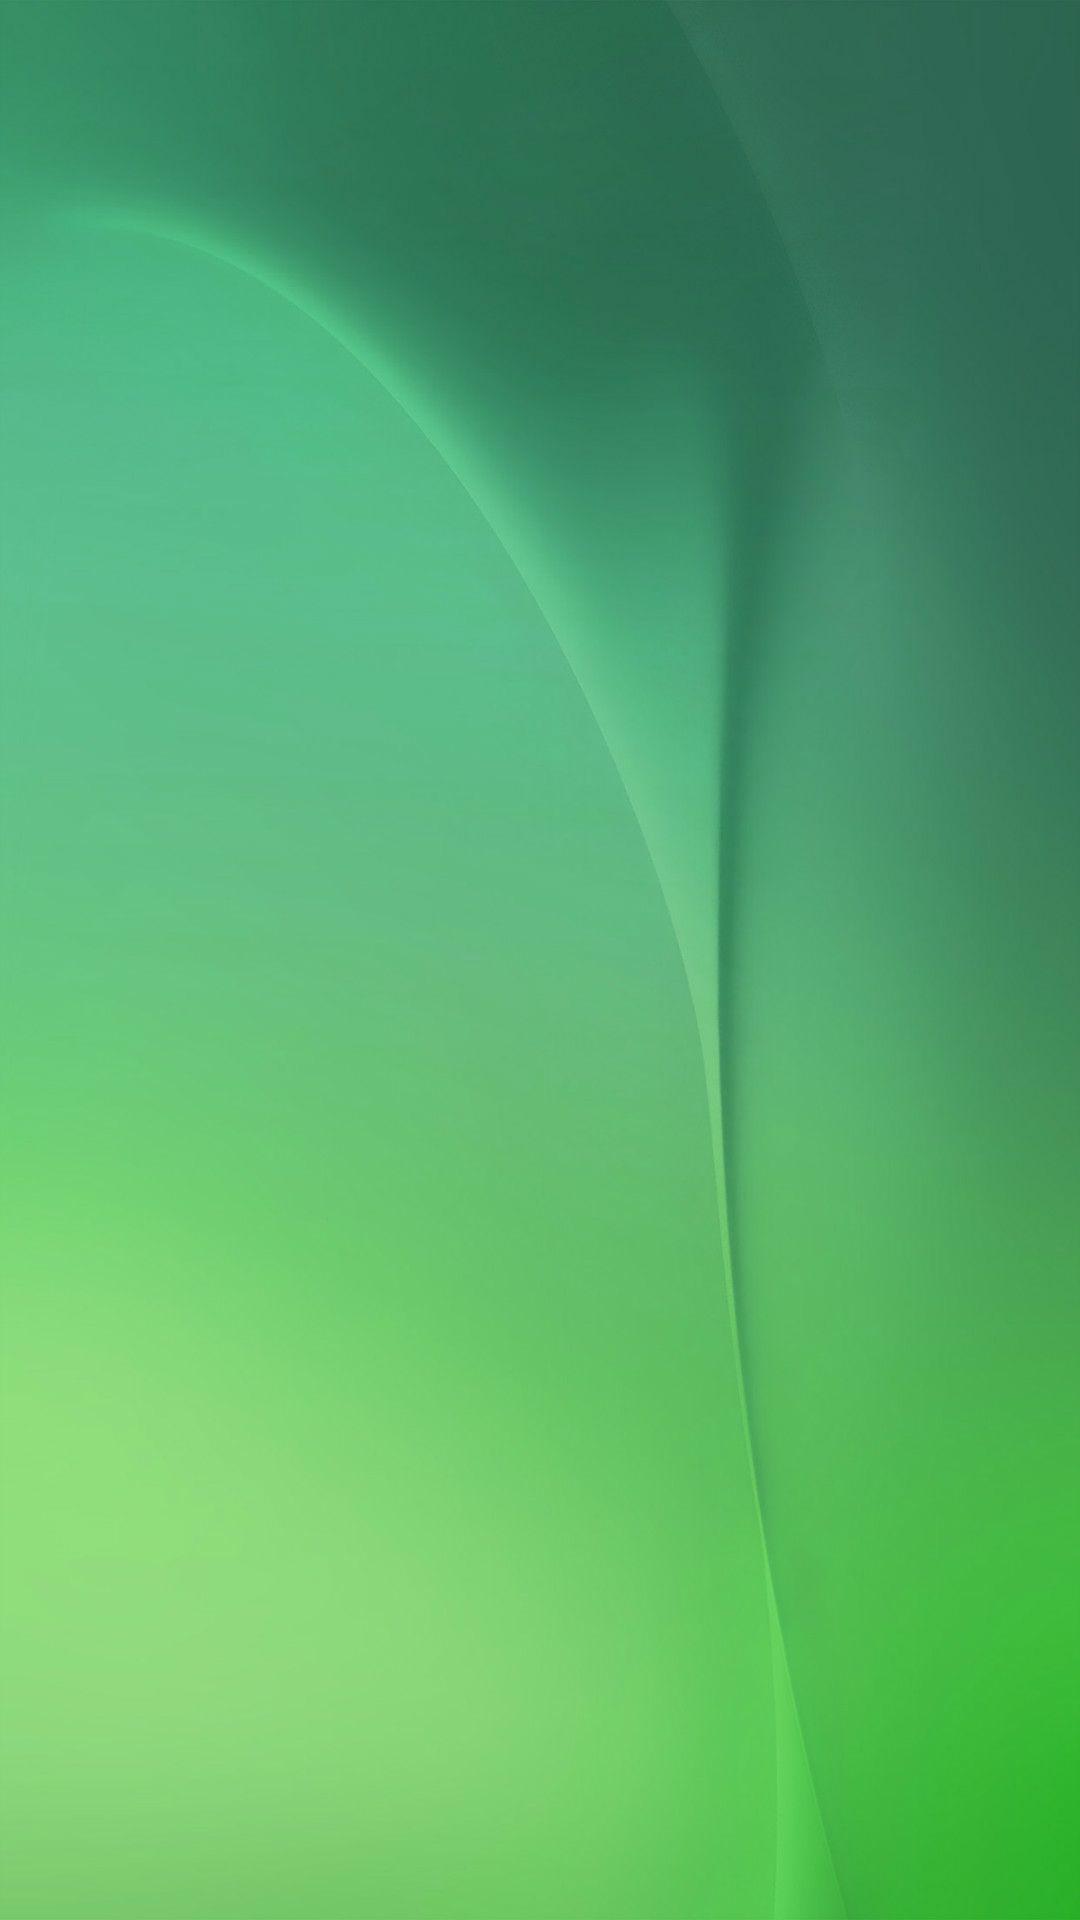 Wallpaper iphone green - Deep Ocean Abstract Digital Soft Green Pattern Iphone 6 Wallpaper